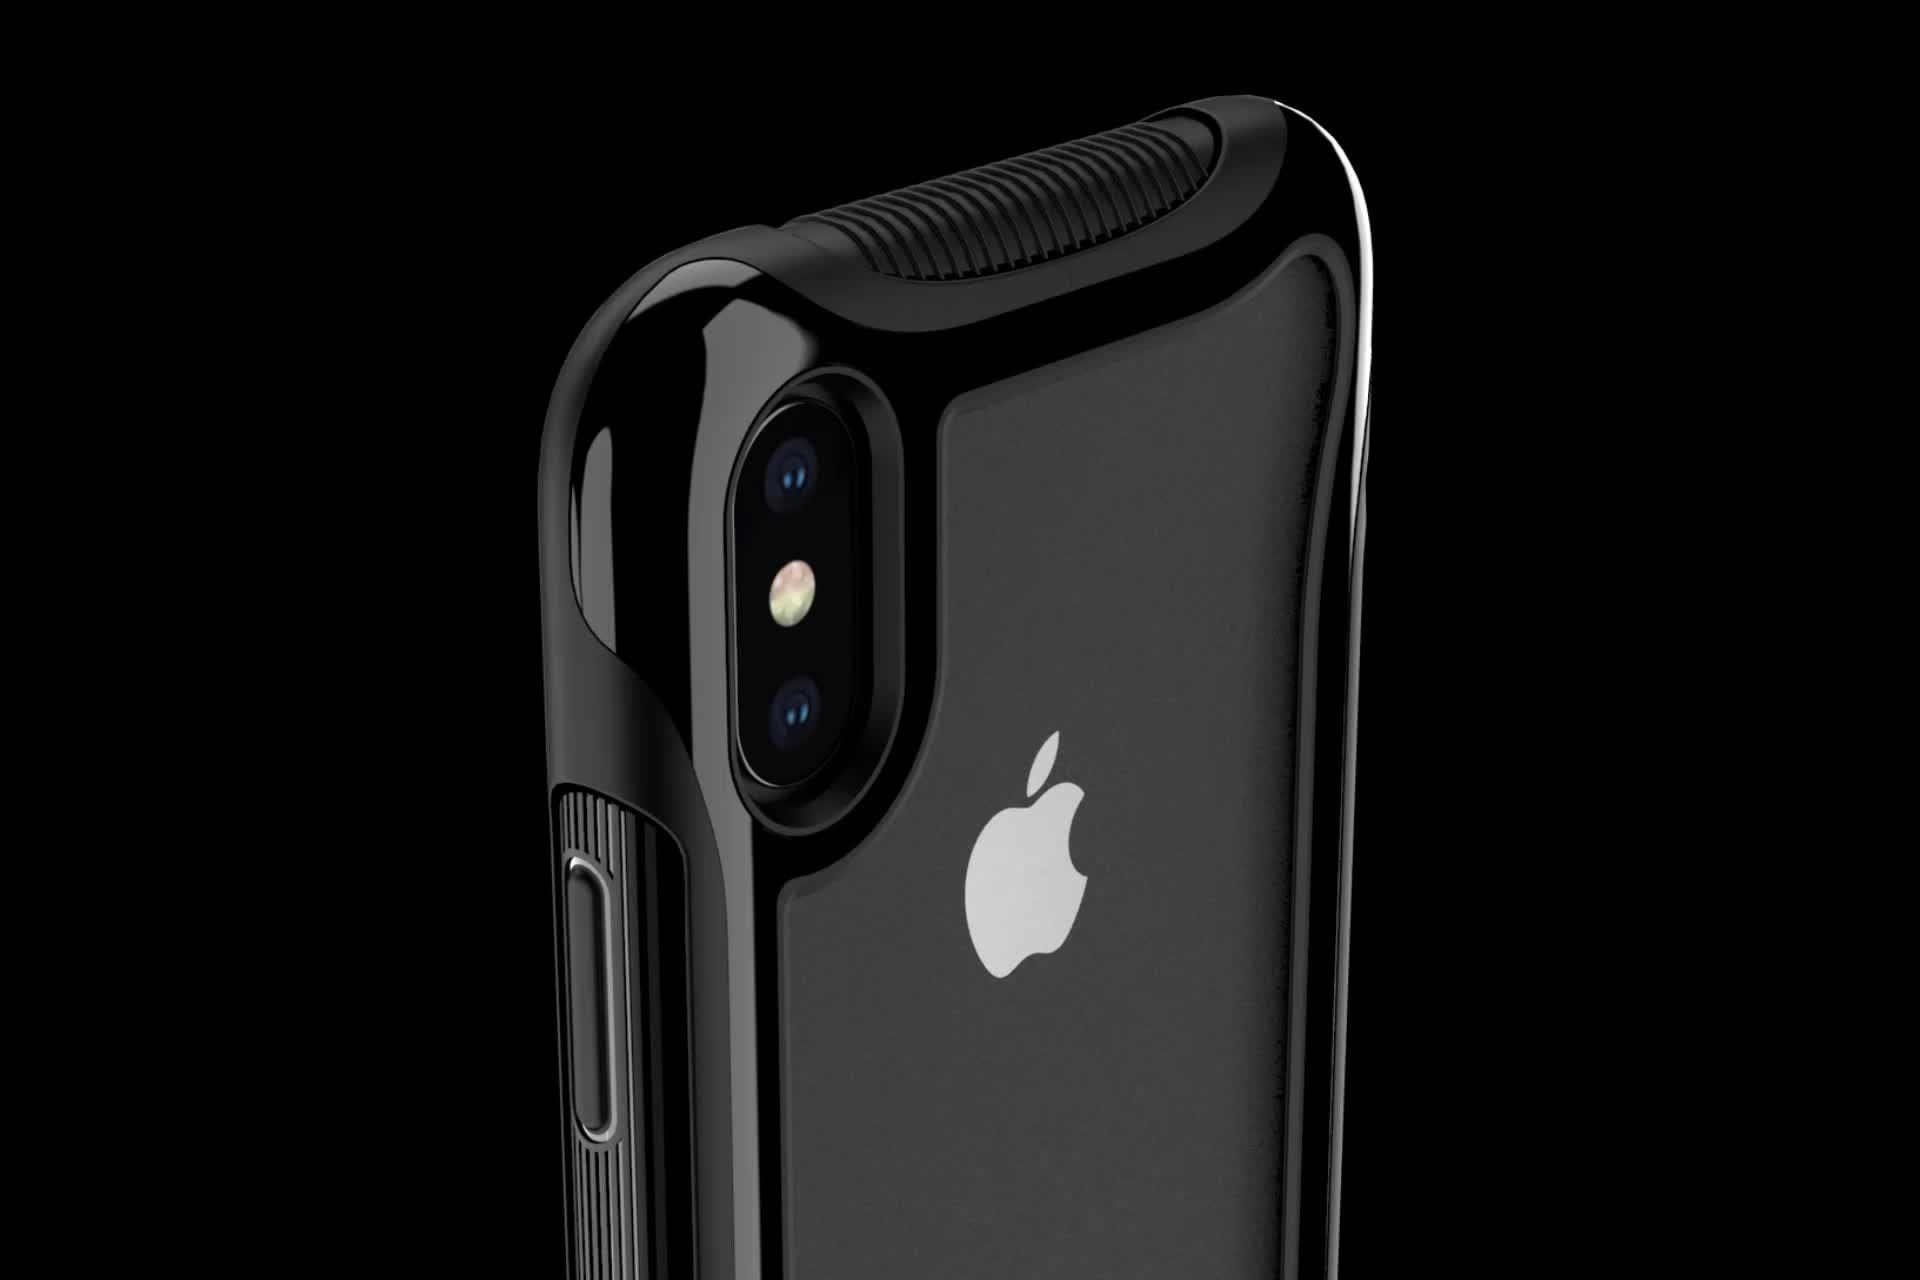 थोक सेल फोन के मामले में पारदर्शी मोबाइल फोन के मामले में कवर के लिए Iphone x xr xs xs अधिकतम